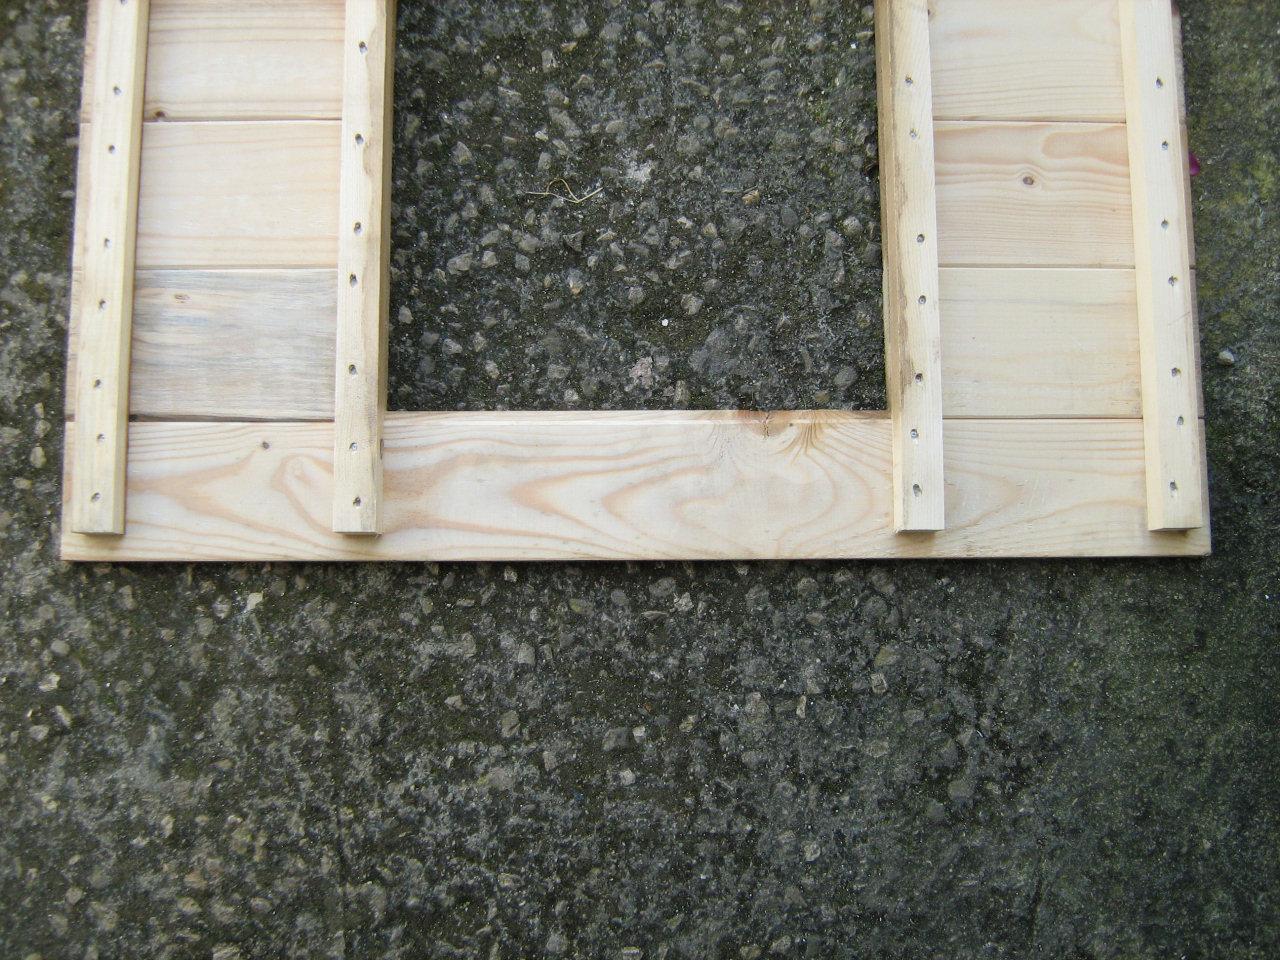 Pannello in legno per lettino cane le migliori idee per for Cuccia cane ikea